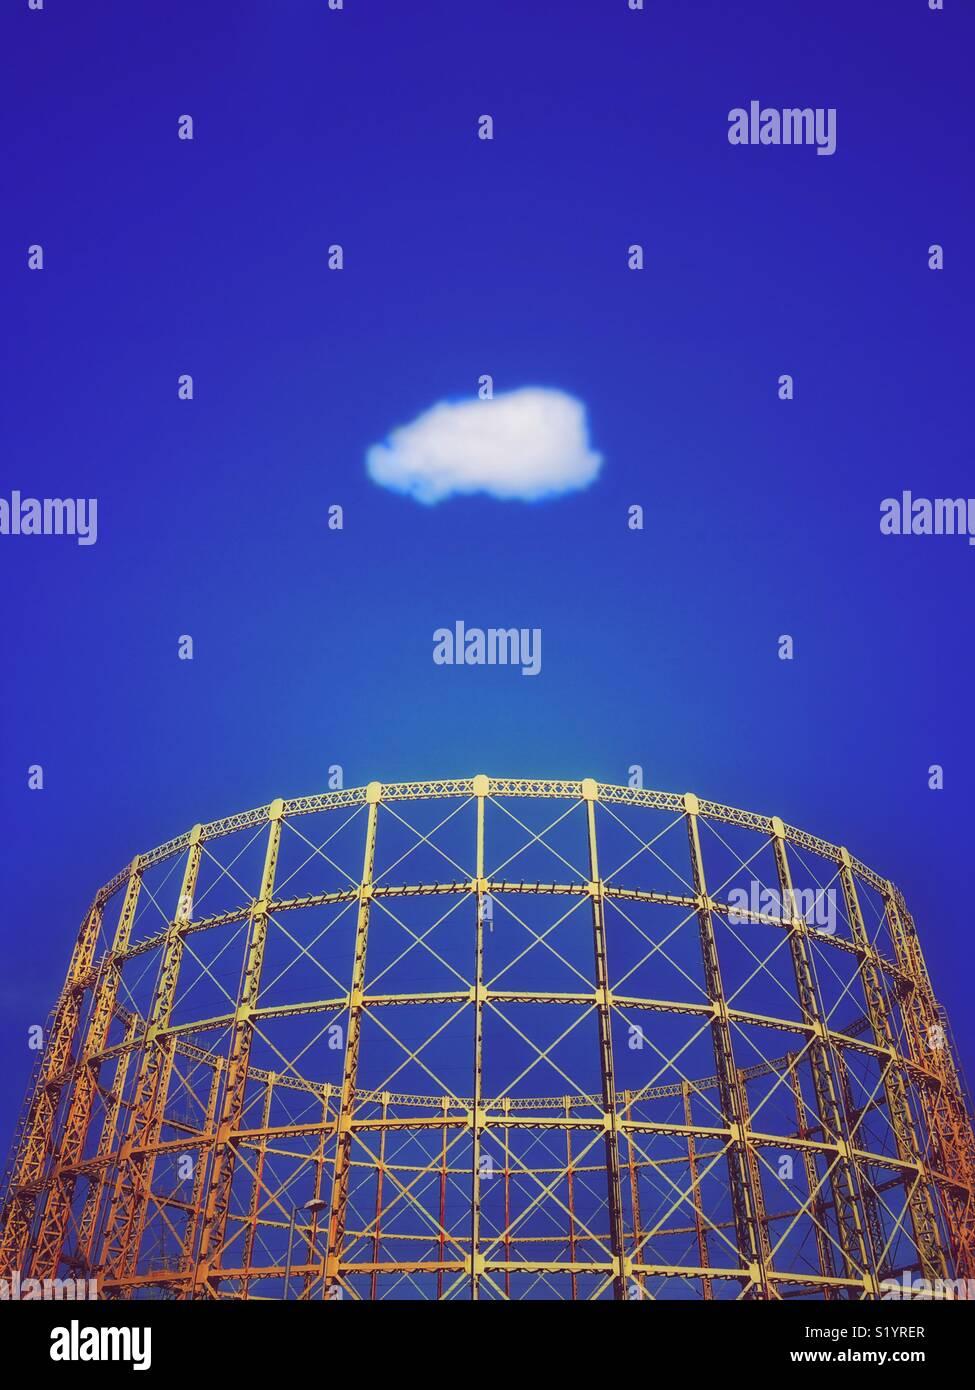 Struttura gasometro contro un vivido blu cielo con solitaria nube bianca Immagini Stock